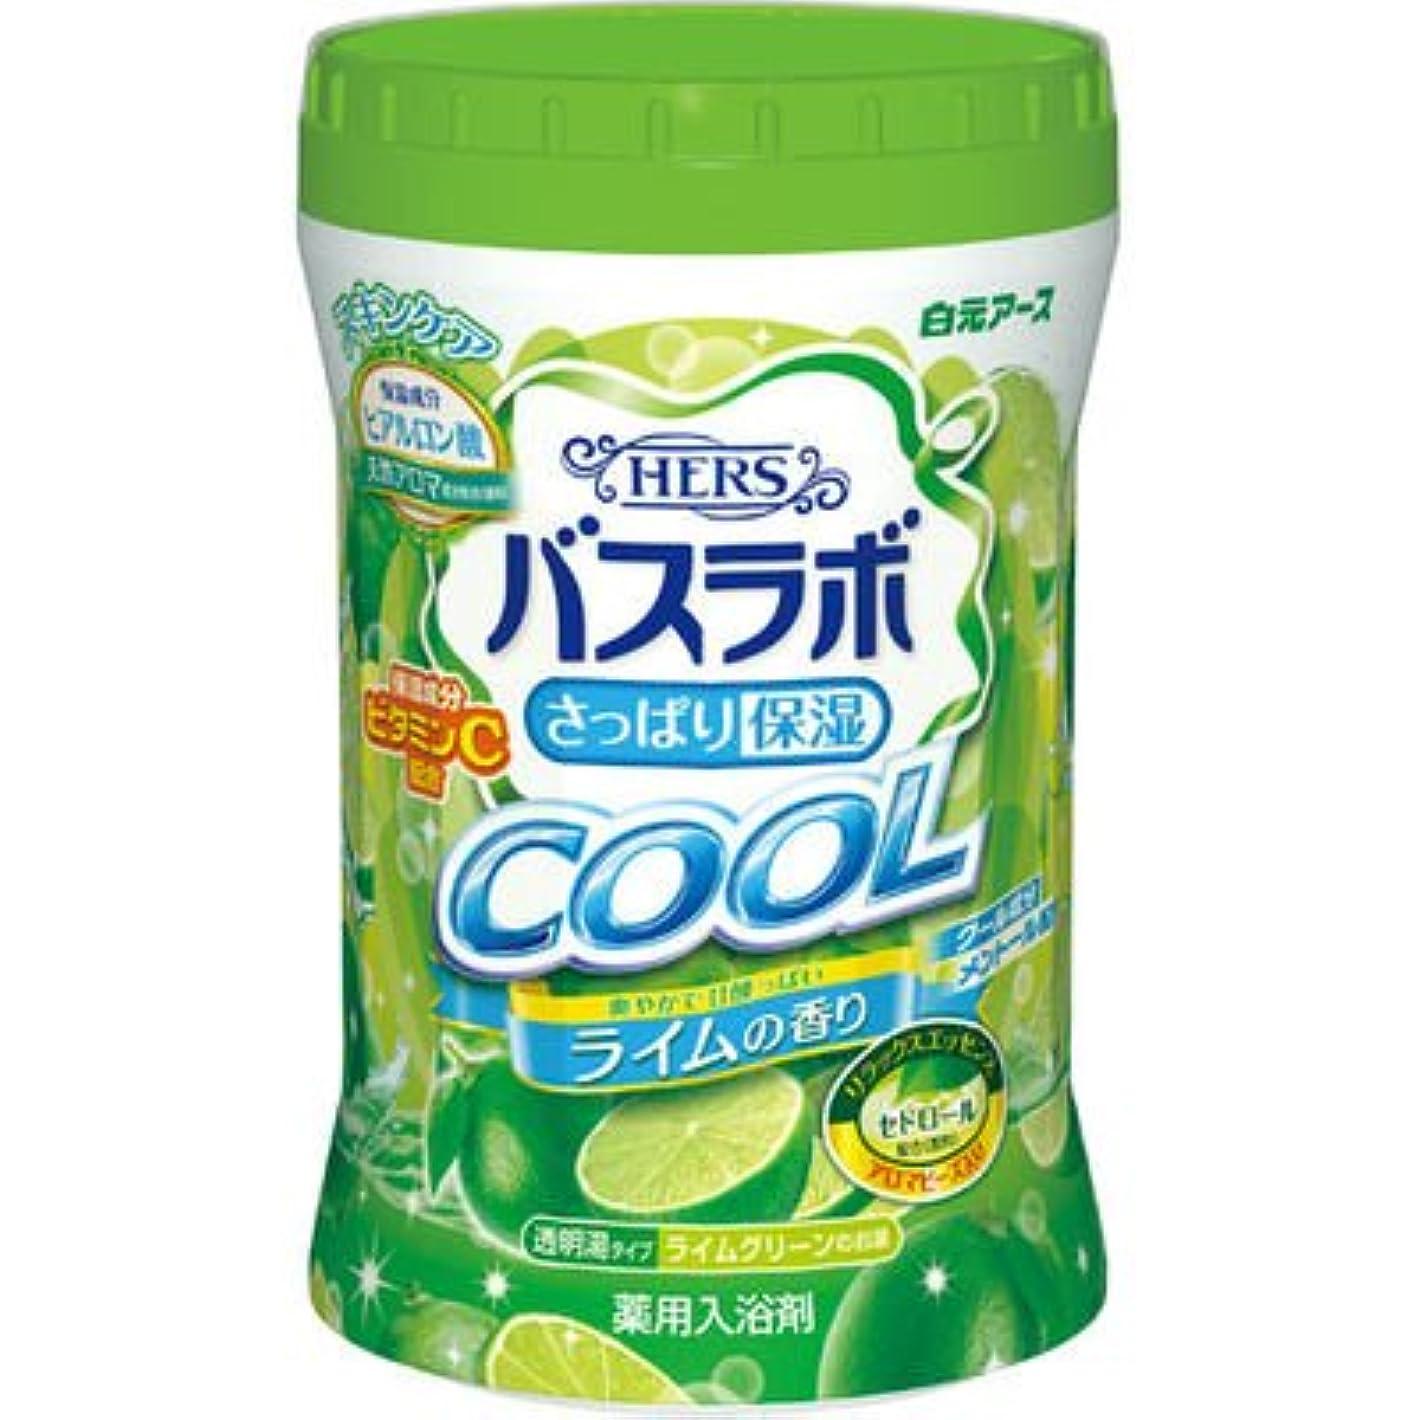 知覚的立証する日曜日白元アース HERSバスラボ さっぱり保湿 COOL ライムの香り 640g E537344H